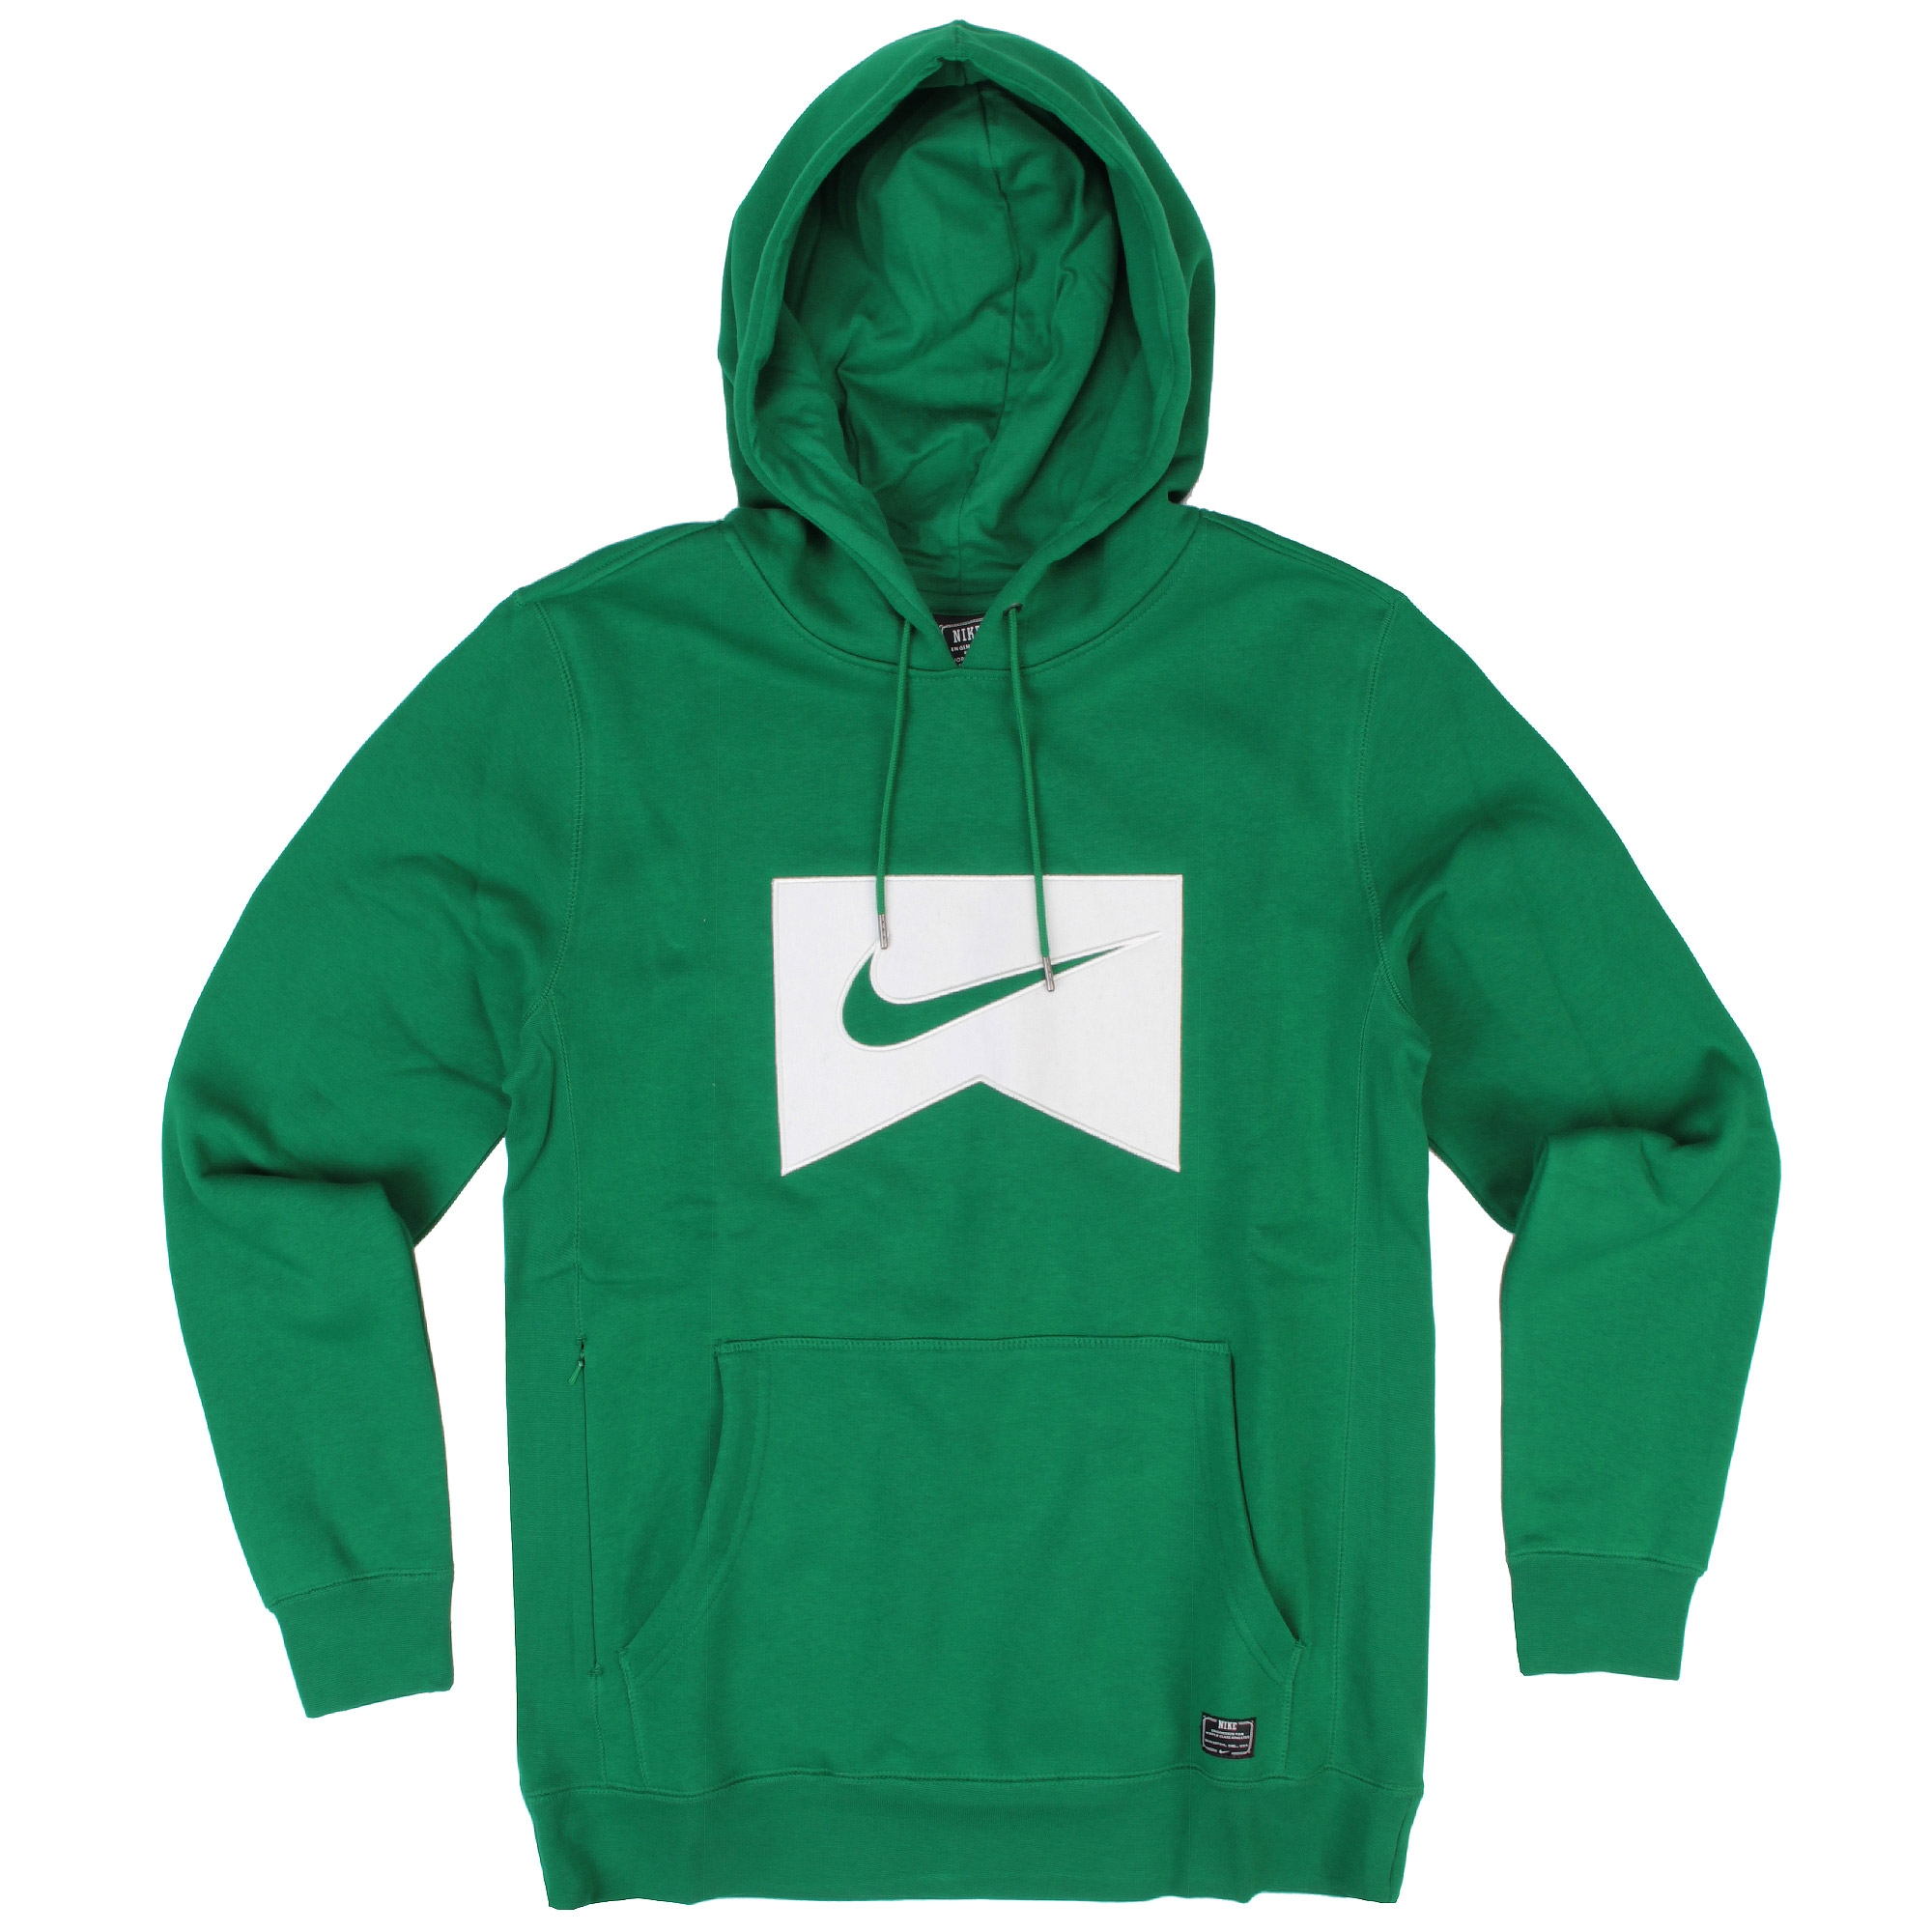 Nike Hoodie Green Unit4motors Co Uk